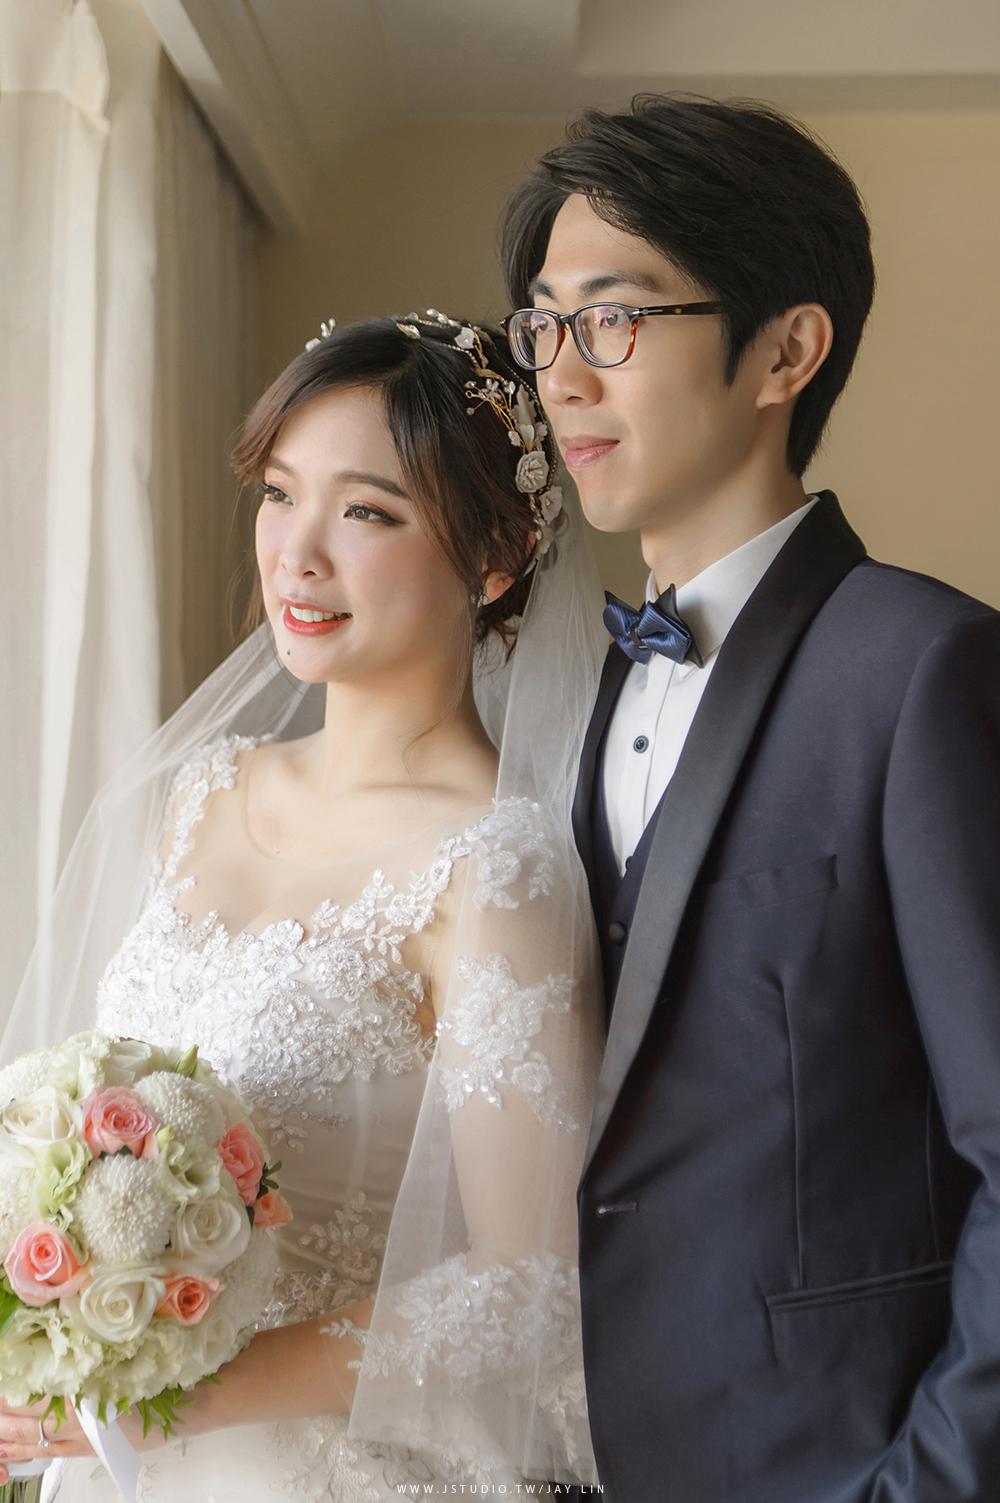 婚攝 推薦婚攝 台北西華飯店  台北婚攝 婚禮紀錄 JSTUDIO_0030